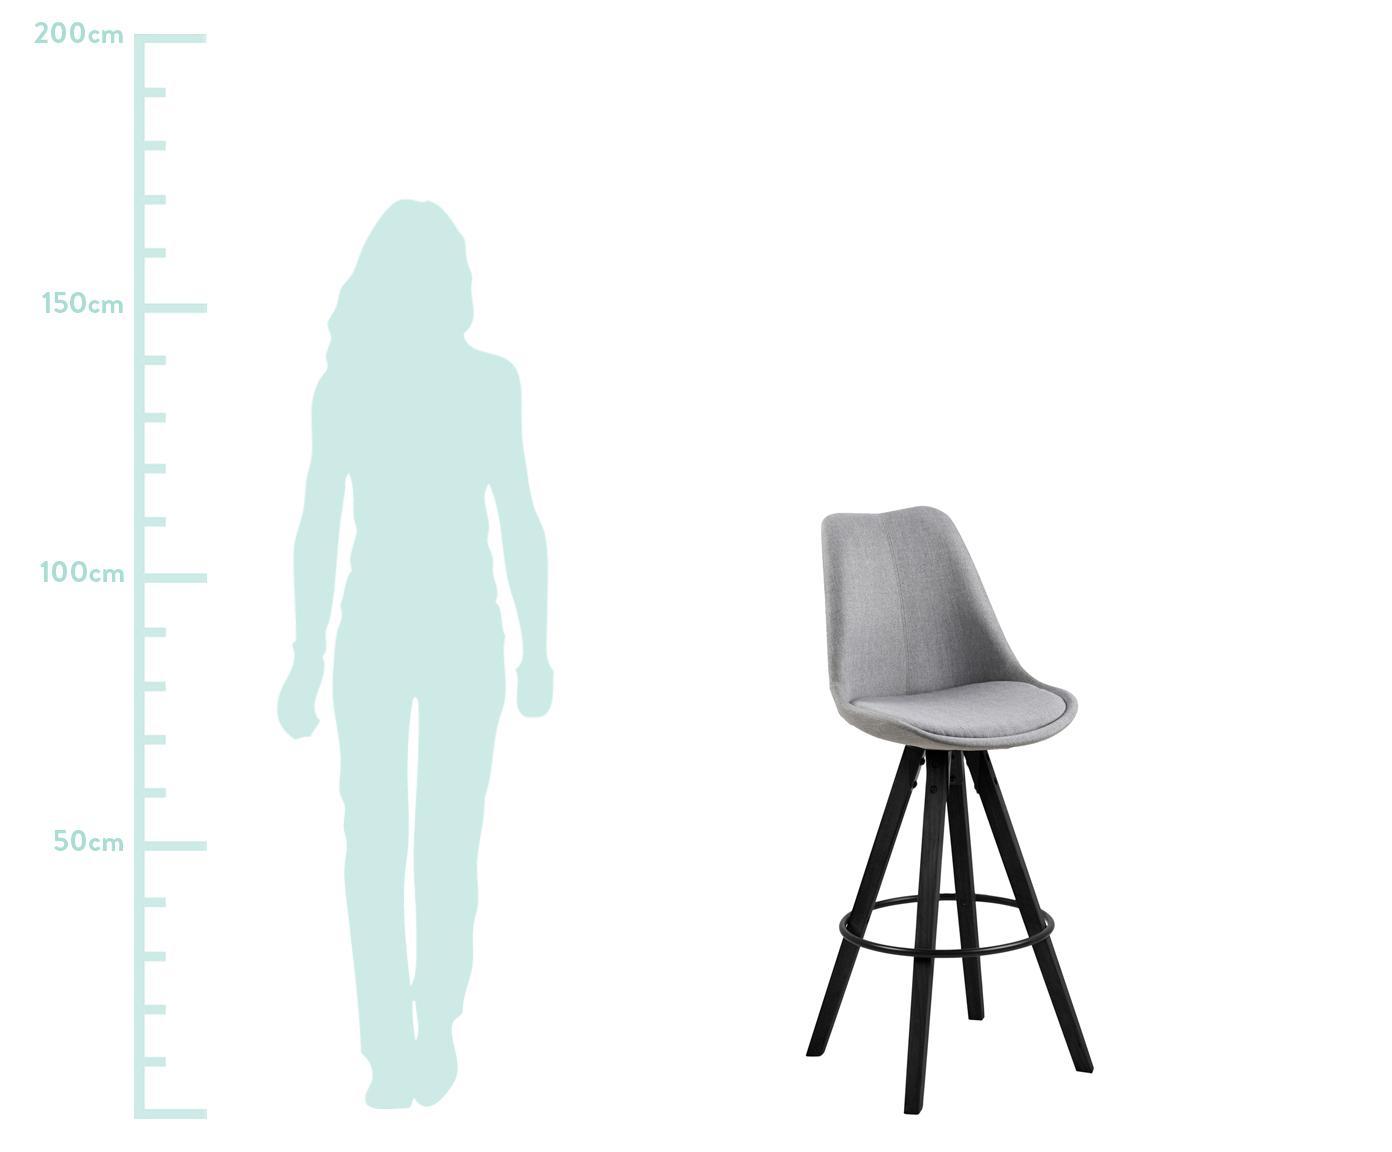 Barstühle Dima Textile, 2 Stück, Bezug: Polyester 25.000 Scheuert, Beine: Gummibaumholz, lackiert, Hellgrau, 49 x 112 cm